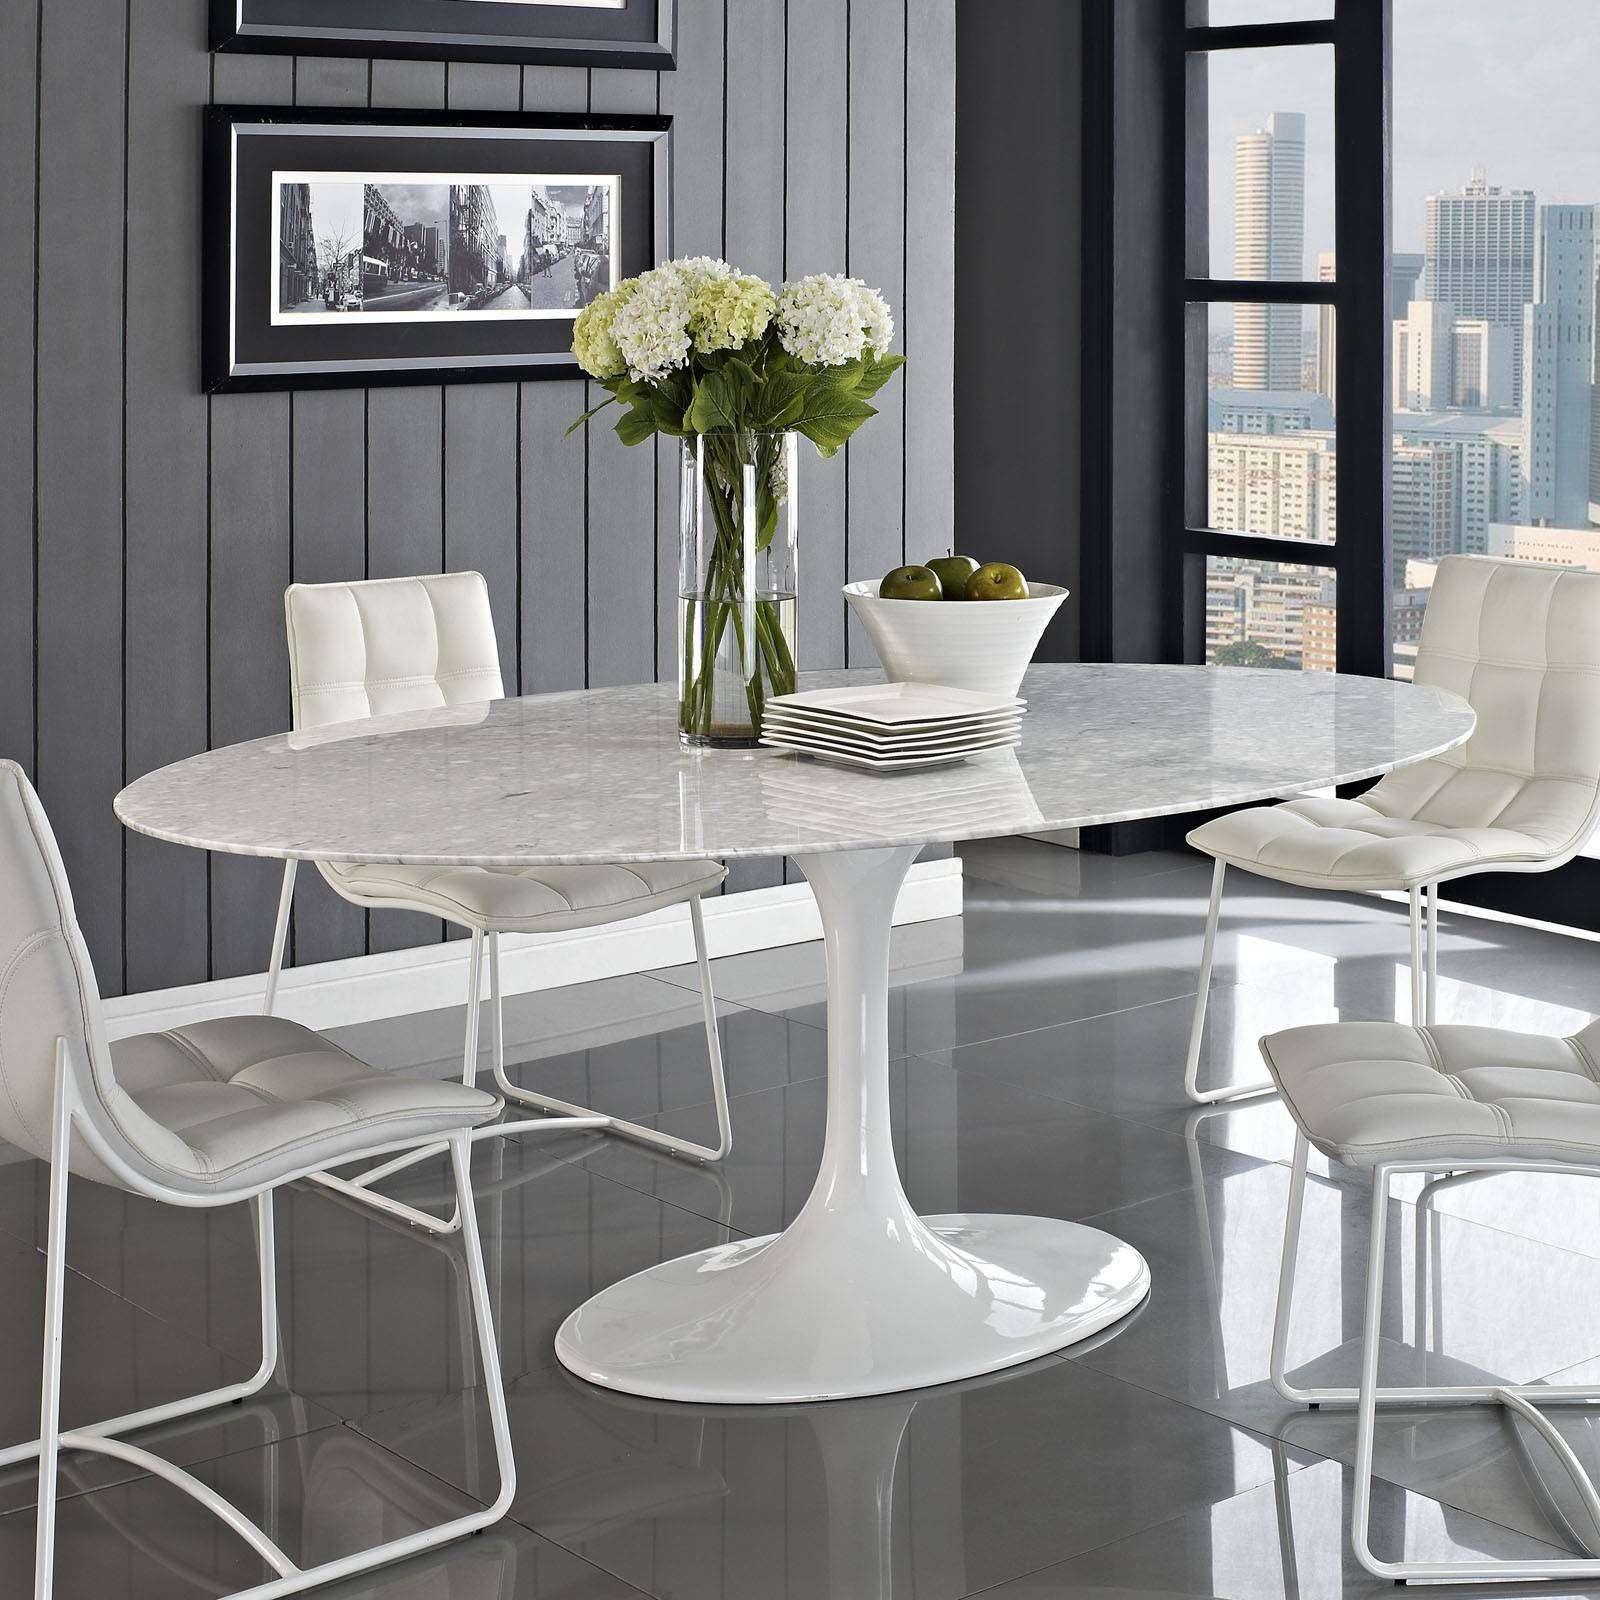 Eero Saarinen Style Tulip Table Marble 78 marble top kitchen table